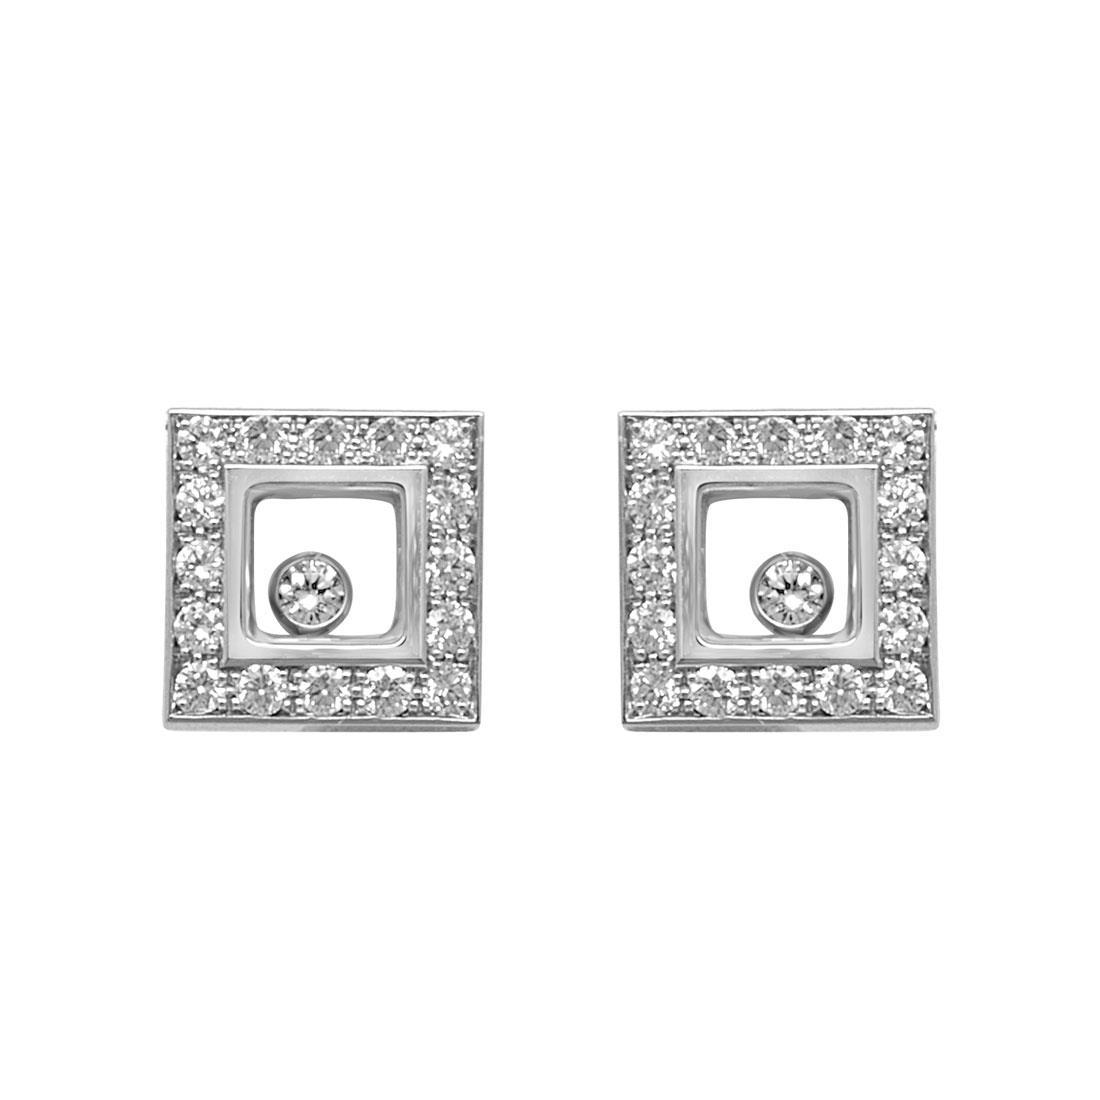 Orecchini a lobo in oro bianco con diamanti - CHOPARD